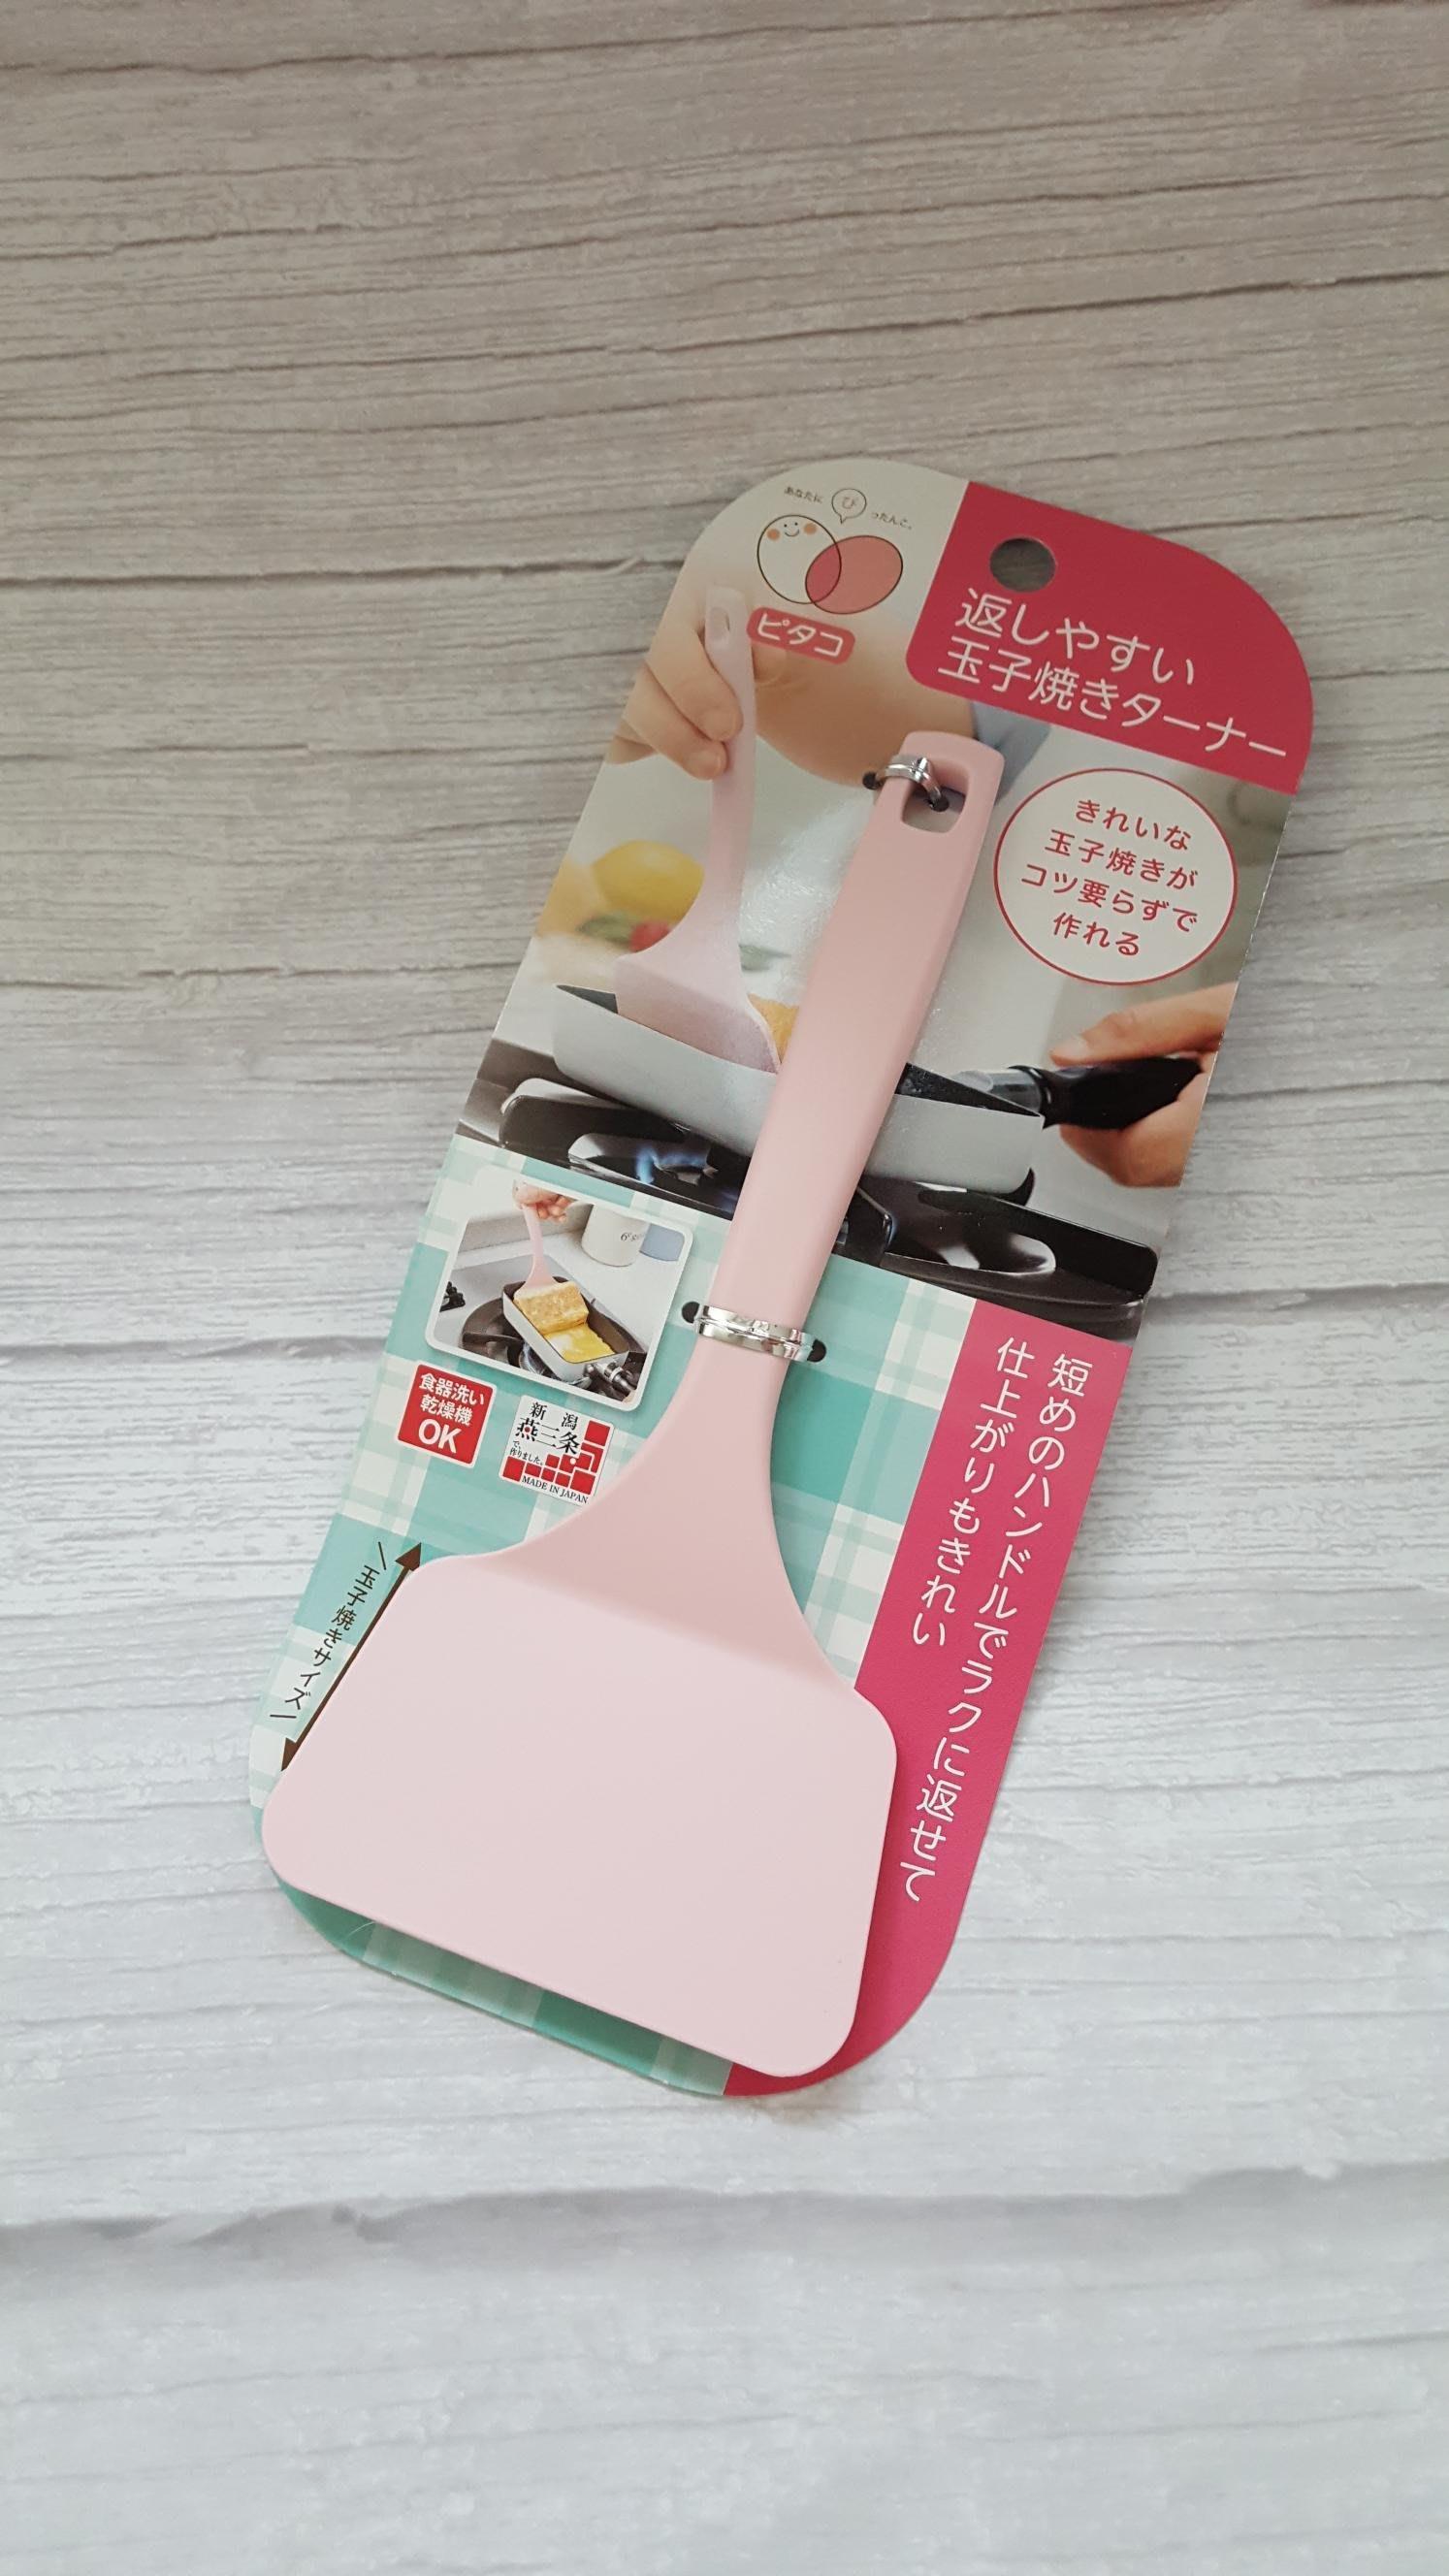 日本製 下村 玉子燒專用煎鏟  玉子燒鏟 煎蛋匙 PC202